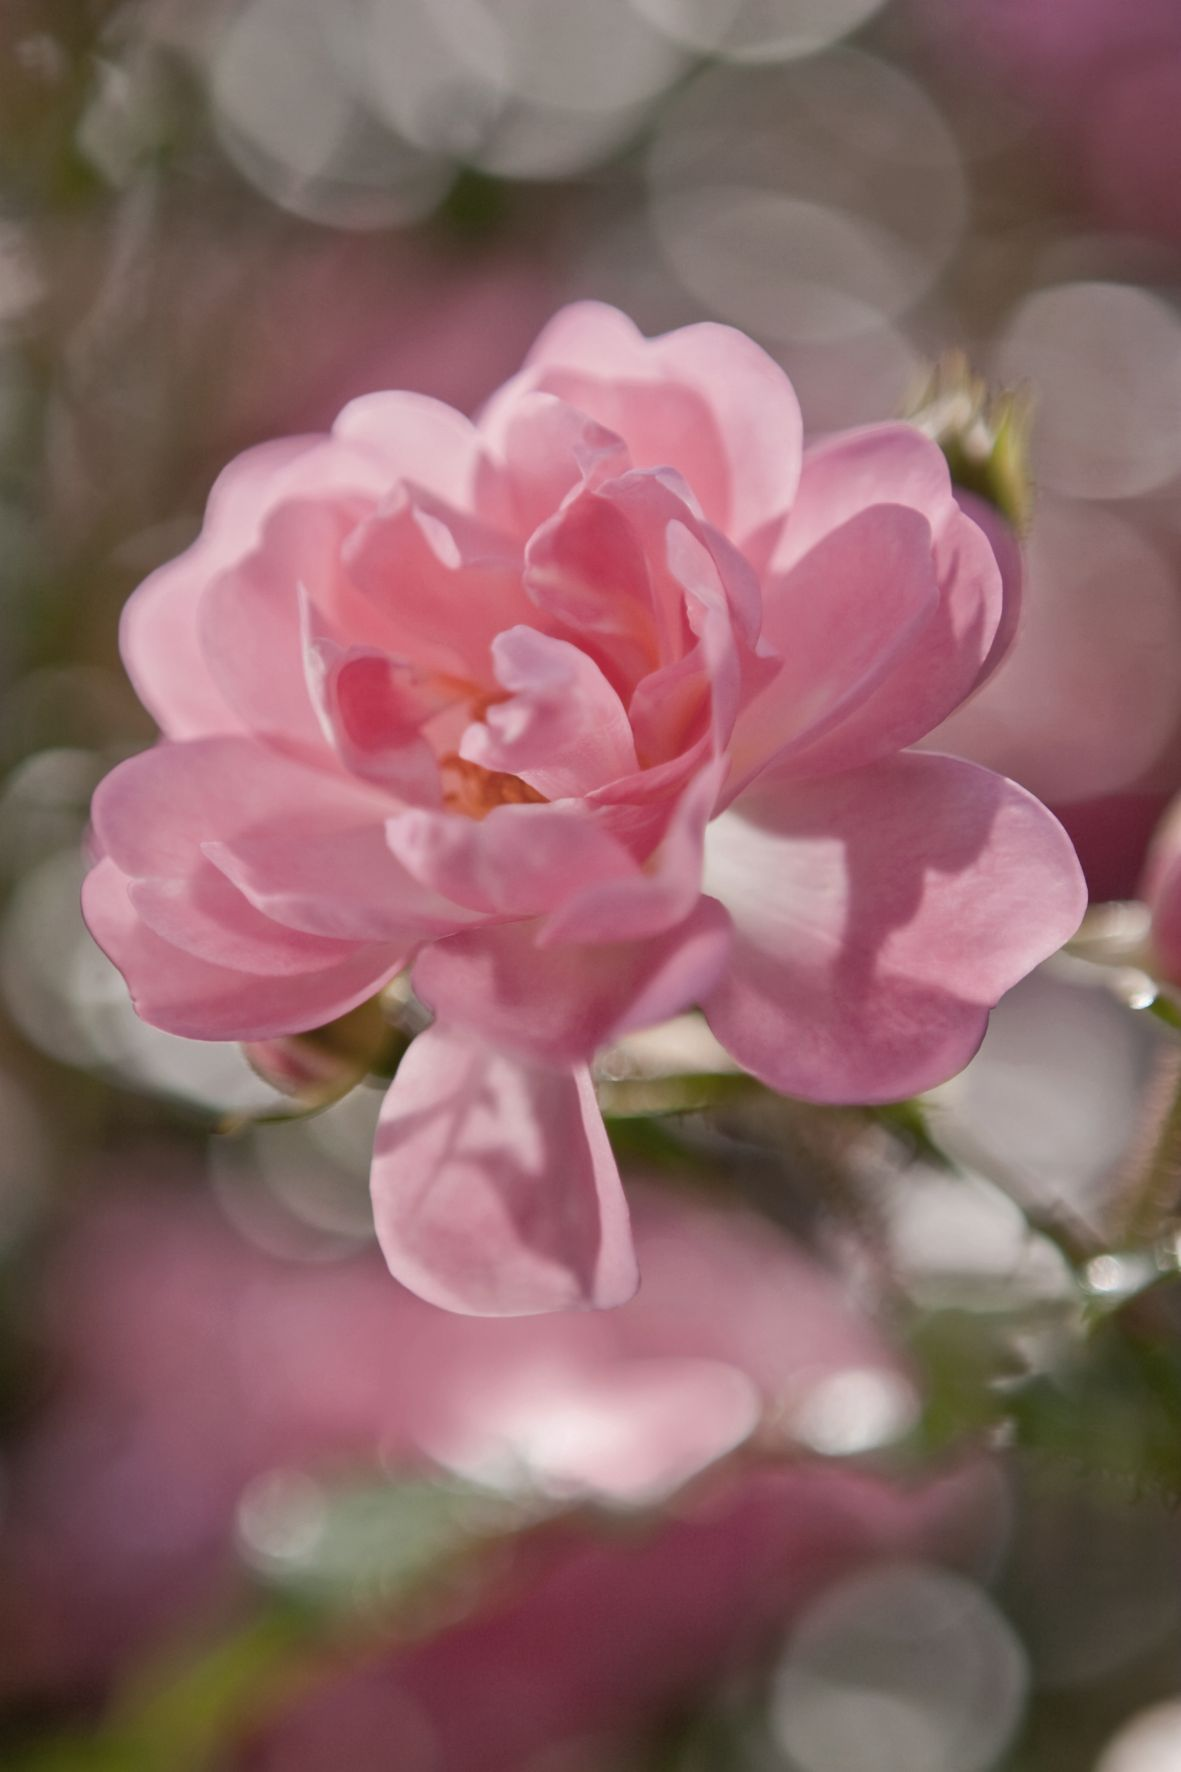 Idei de cadouri de 8 Martie pentru casa, un fototapet floral cu trandafir roz delicat.